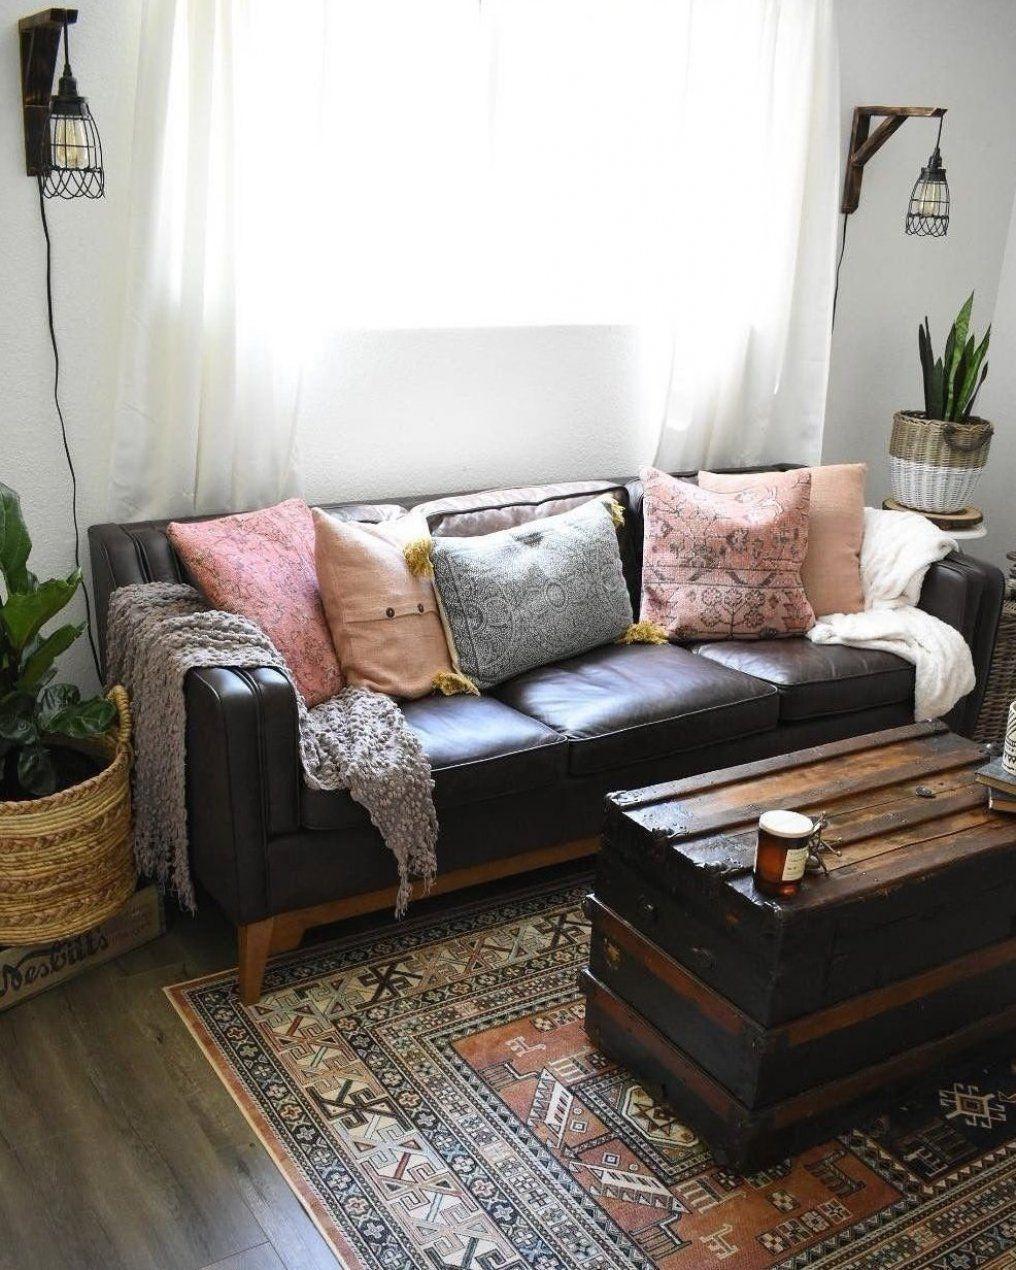 Wohnzimmerdekor Wohnzimmerdekorideen Dekorwohnzimmer Wohnzimmerdiy In 2020 Leder Wohnzimmer Braune Couch Wohnzimmer Ideen Futon Wohnzimmer